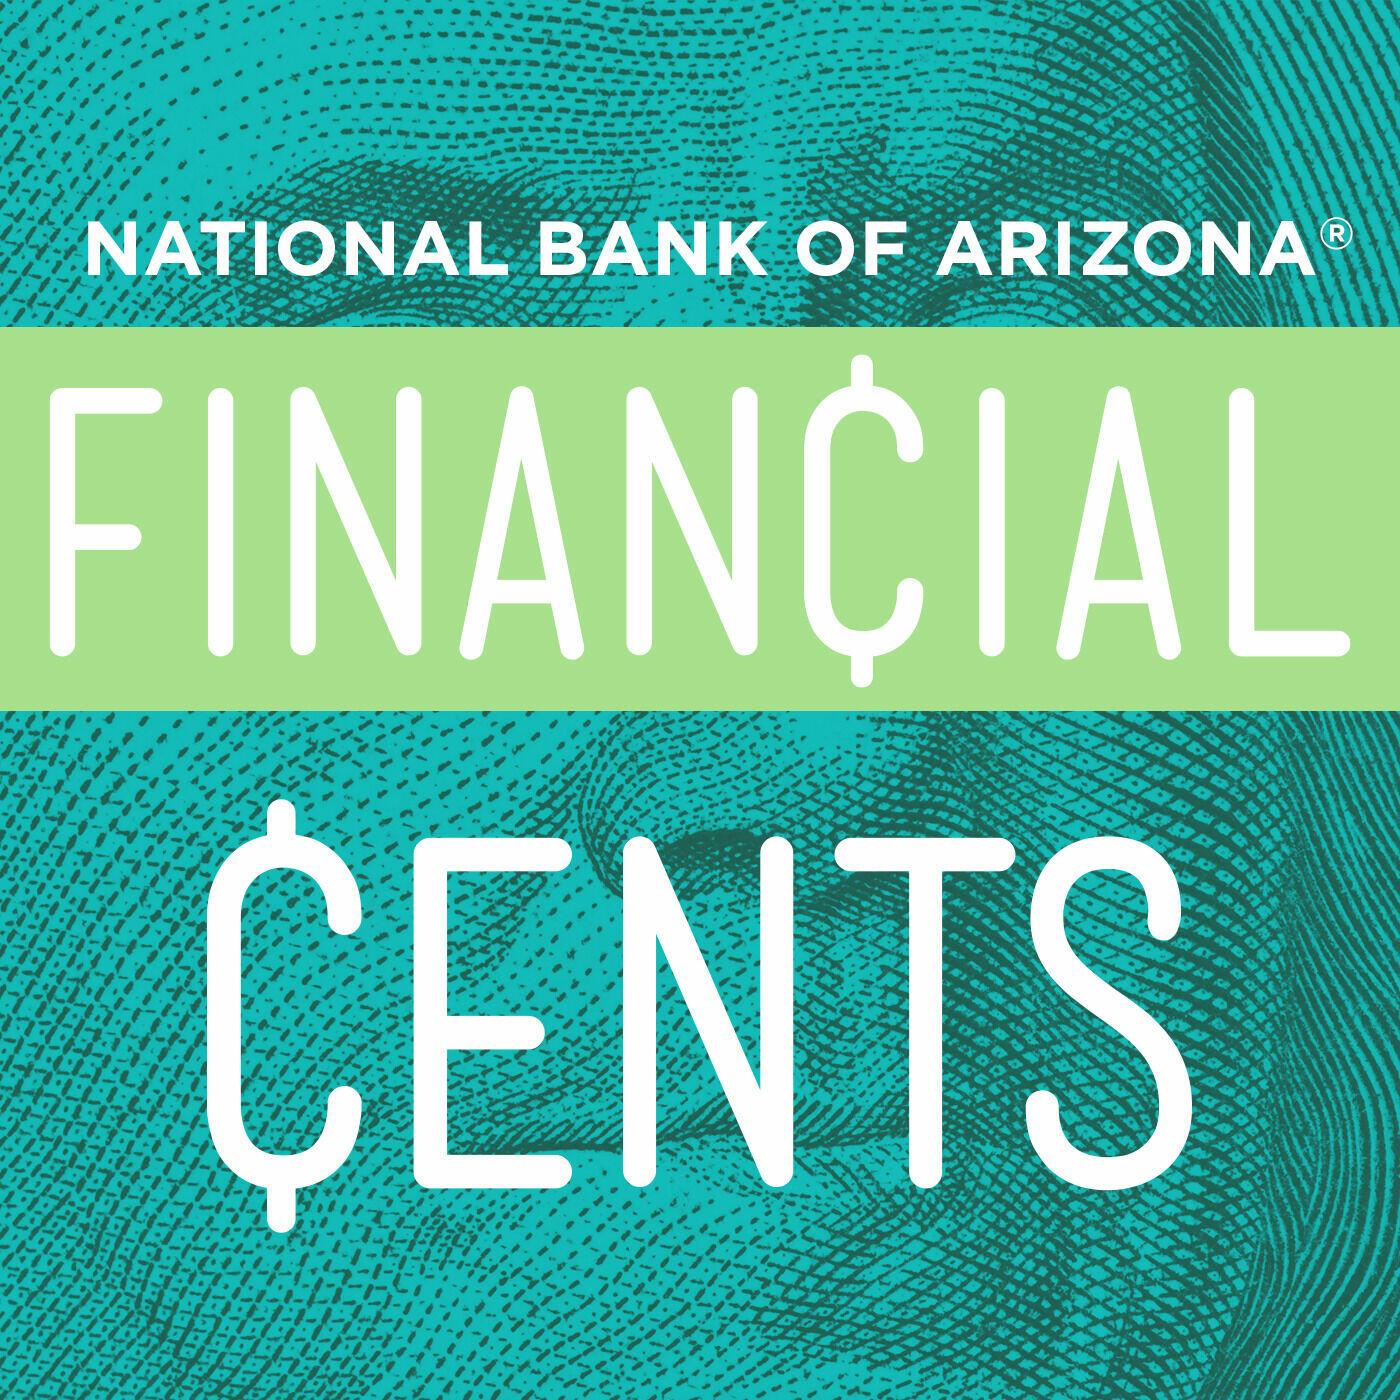 Financial Cents | Arizona's Financial Podcast